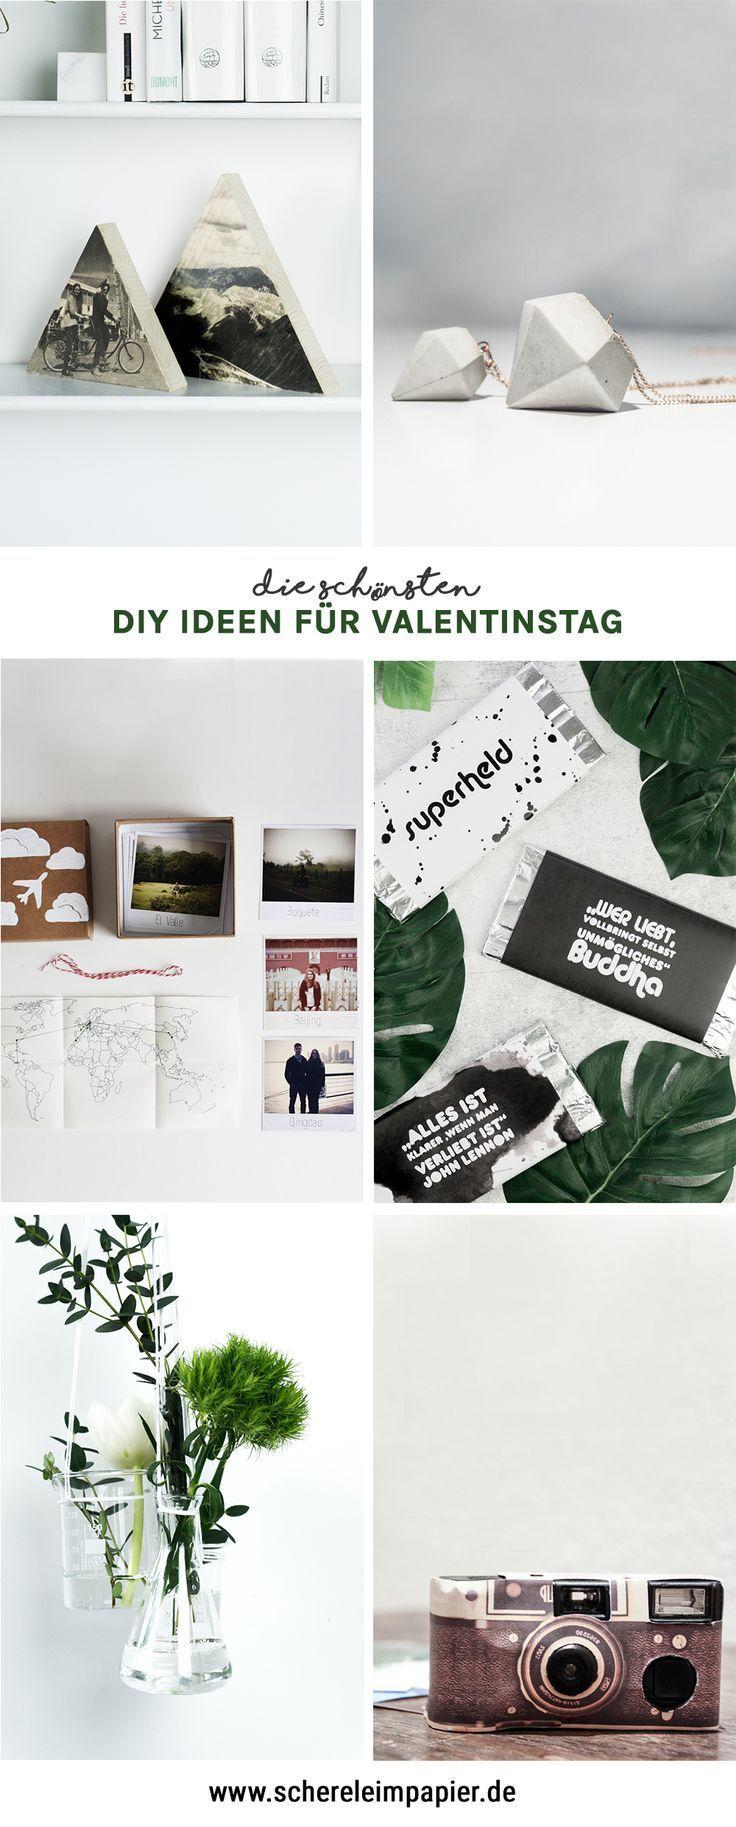 Valentinstag Geschenke Selber Machen Diy Ideen Für Die Liebe